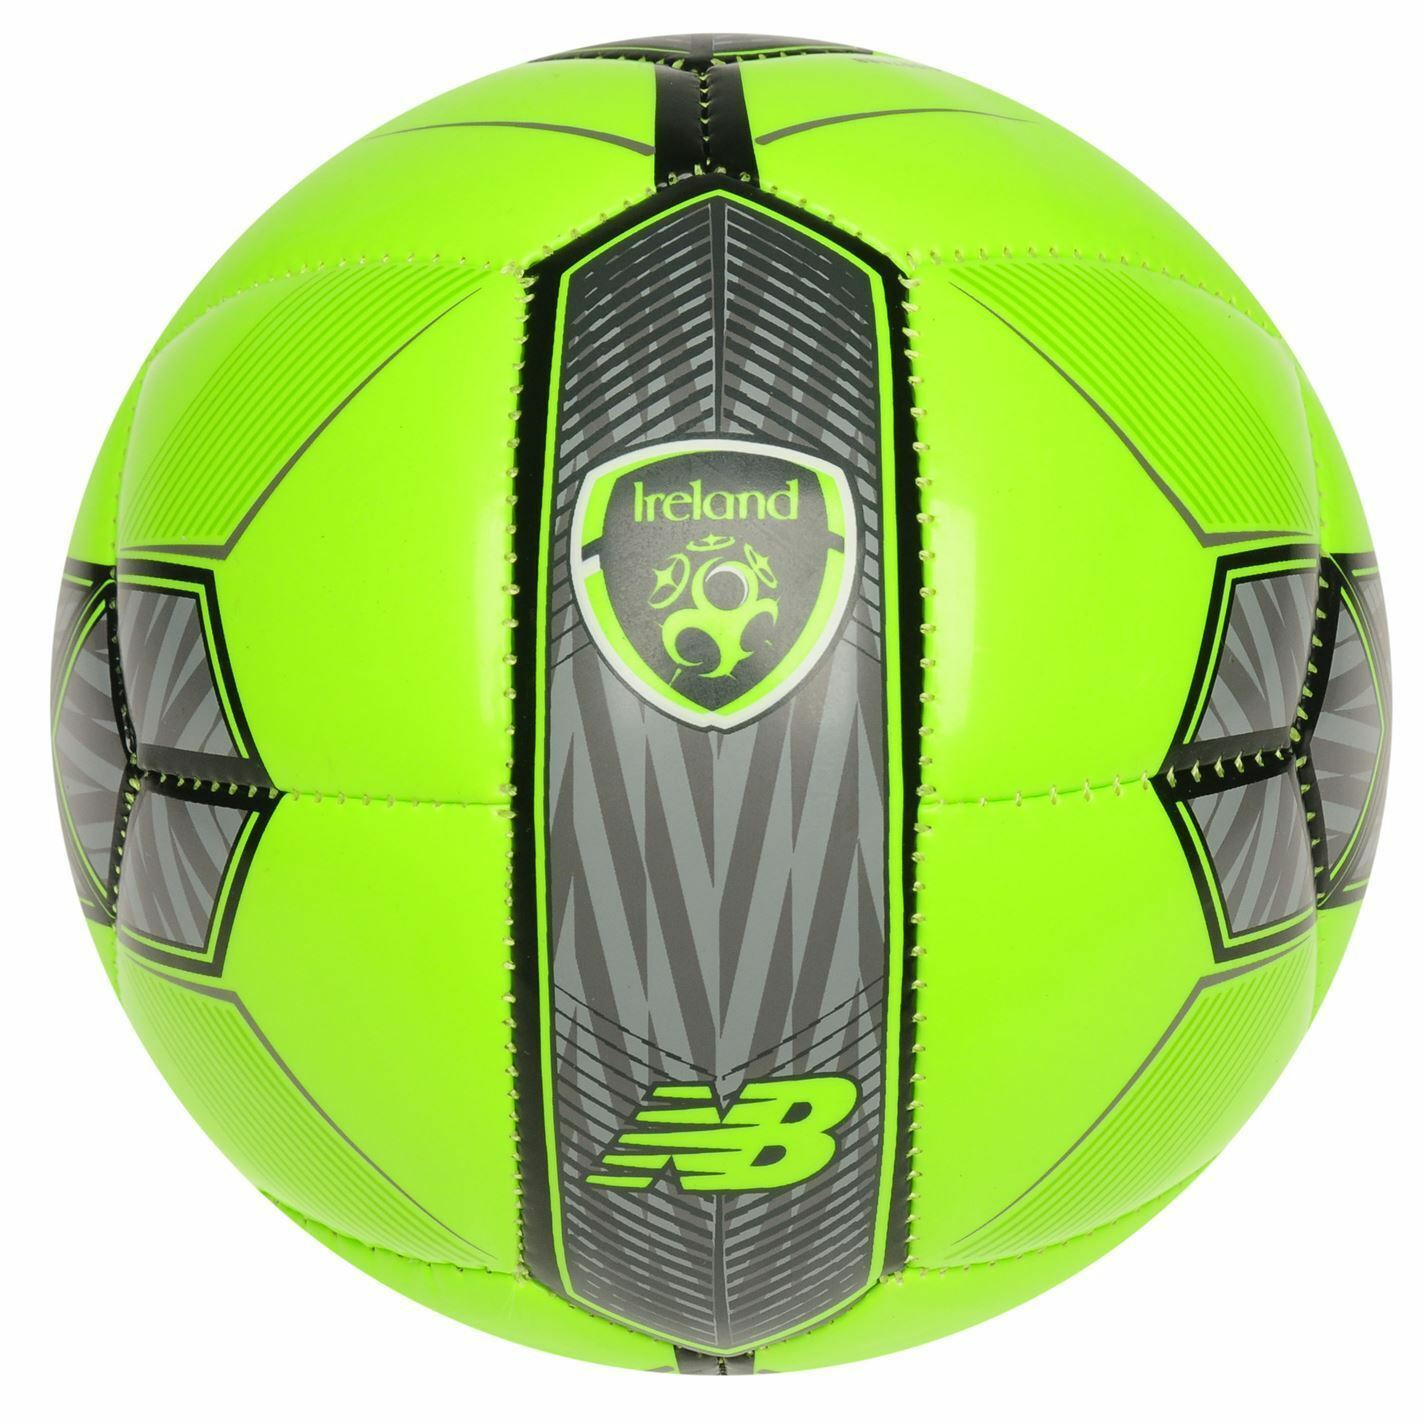 New New New Balance Irlanda Mini Fútbol Verde Balón Fútbol  punto de venta en línea